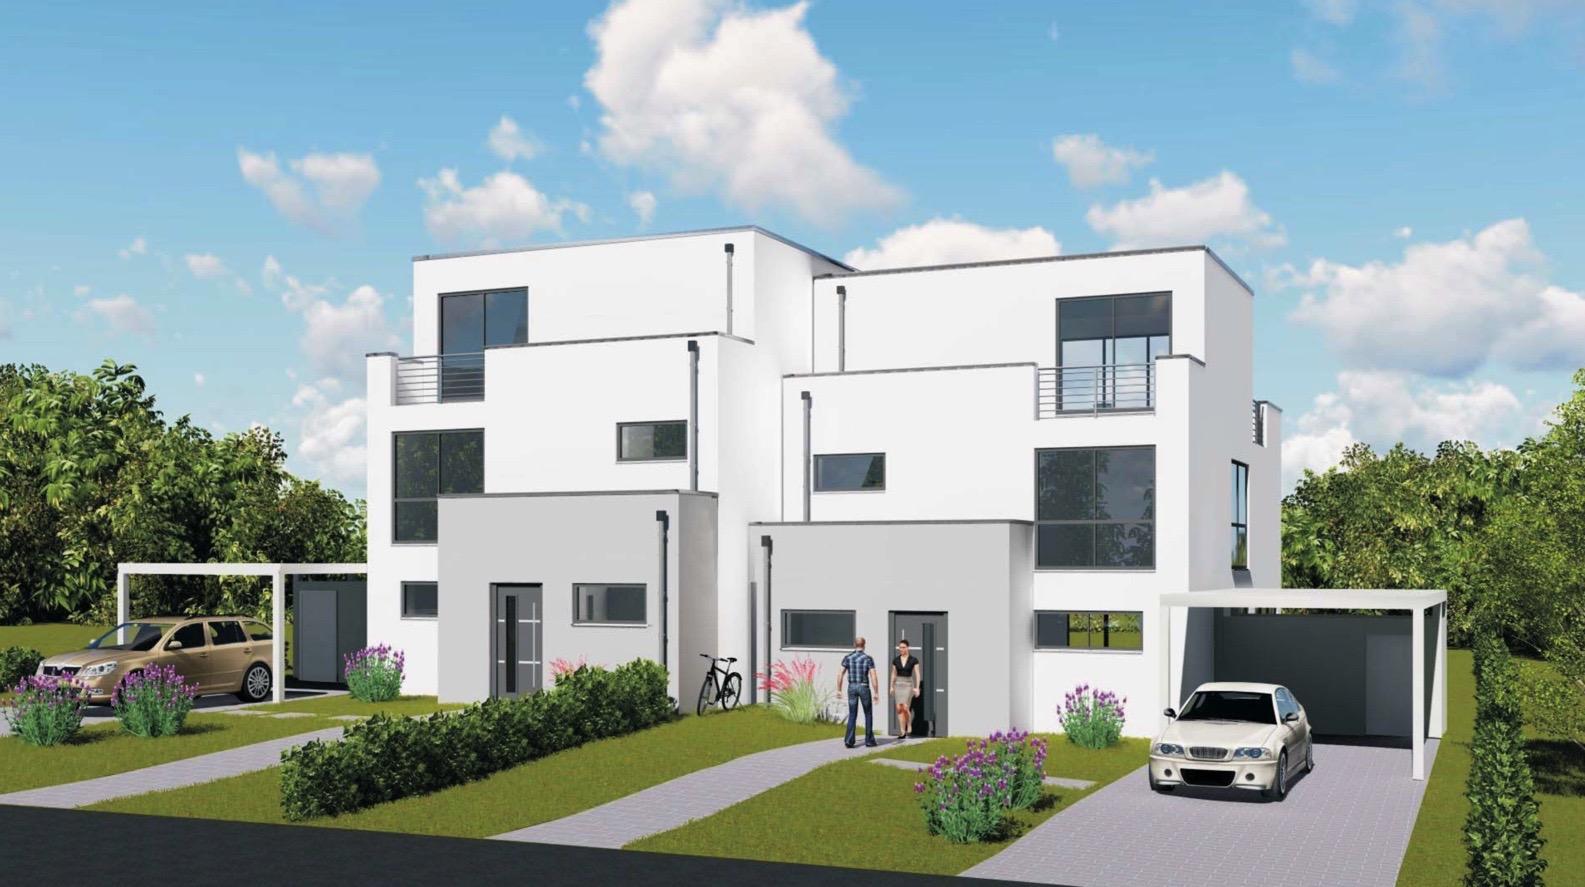 Haus grundstück 2 neubau moderne einfamilienhäuser